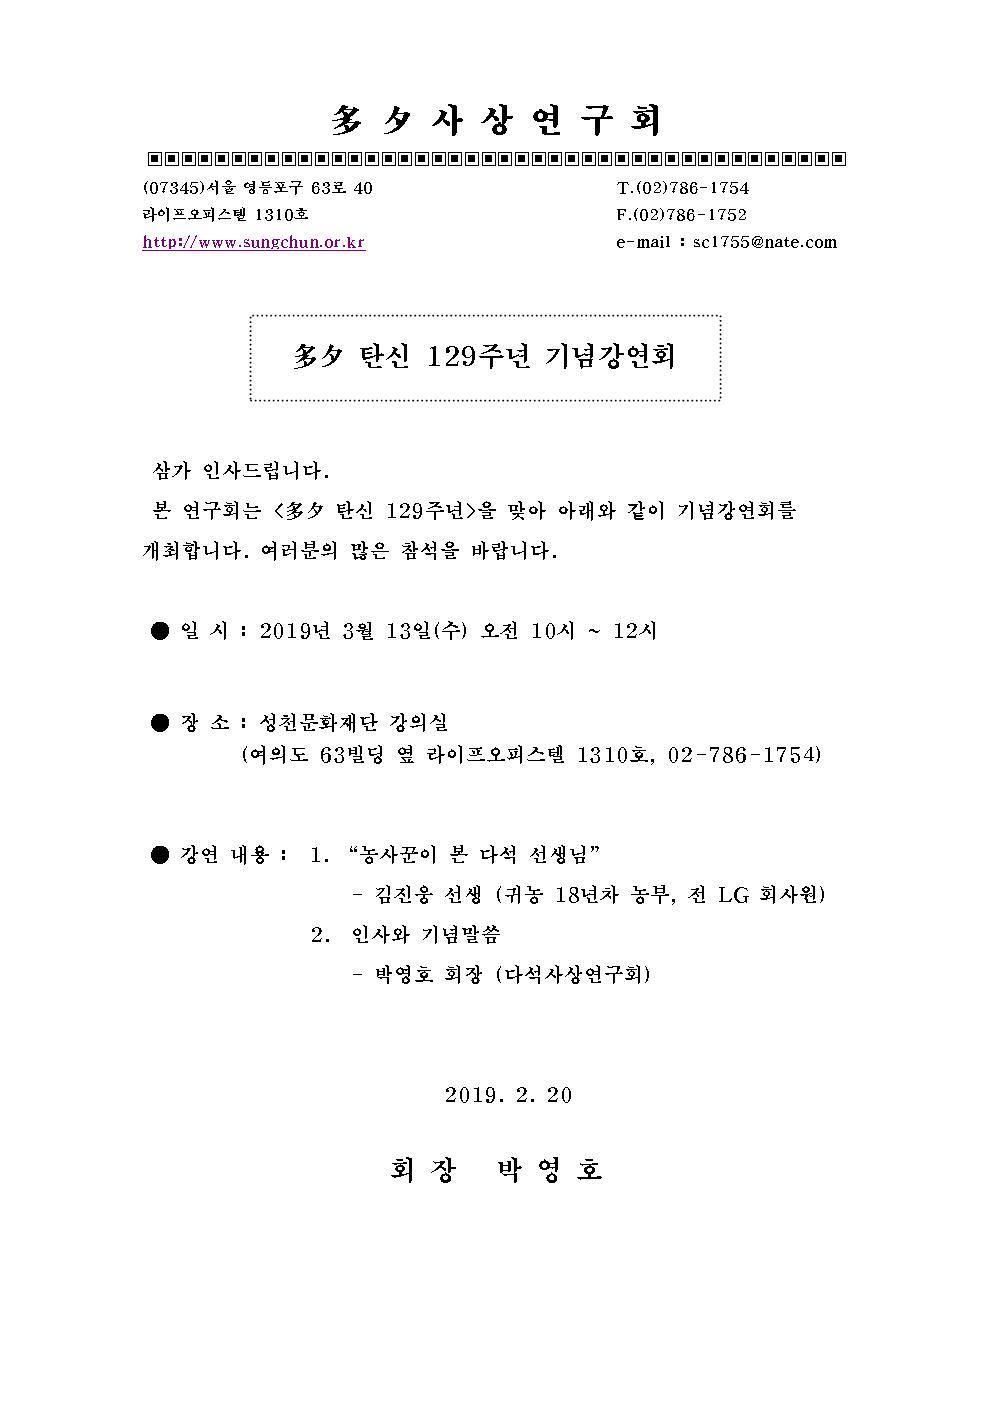 다석탄신 129주년 기념강연회 안내문(2019)_0218001.jpg